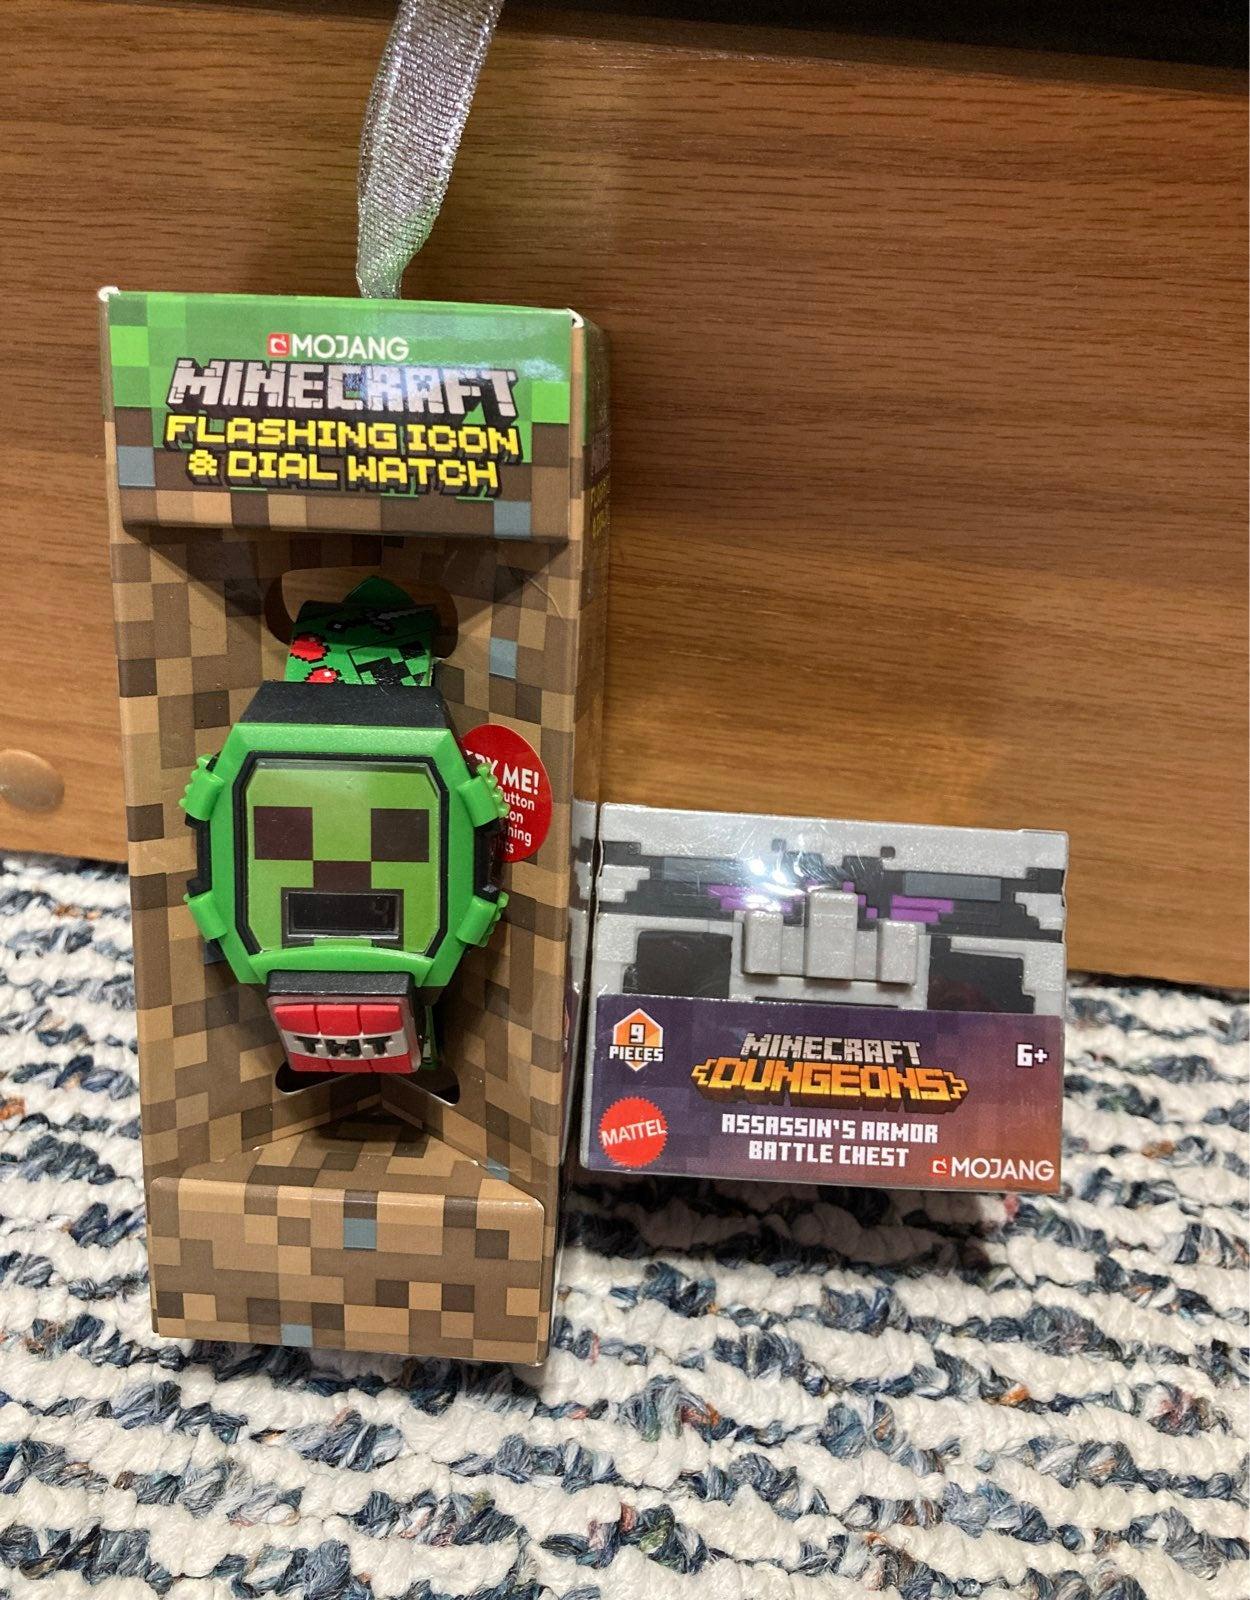 Minecraft watch & battle chest